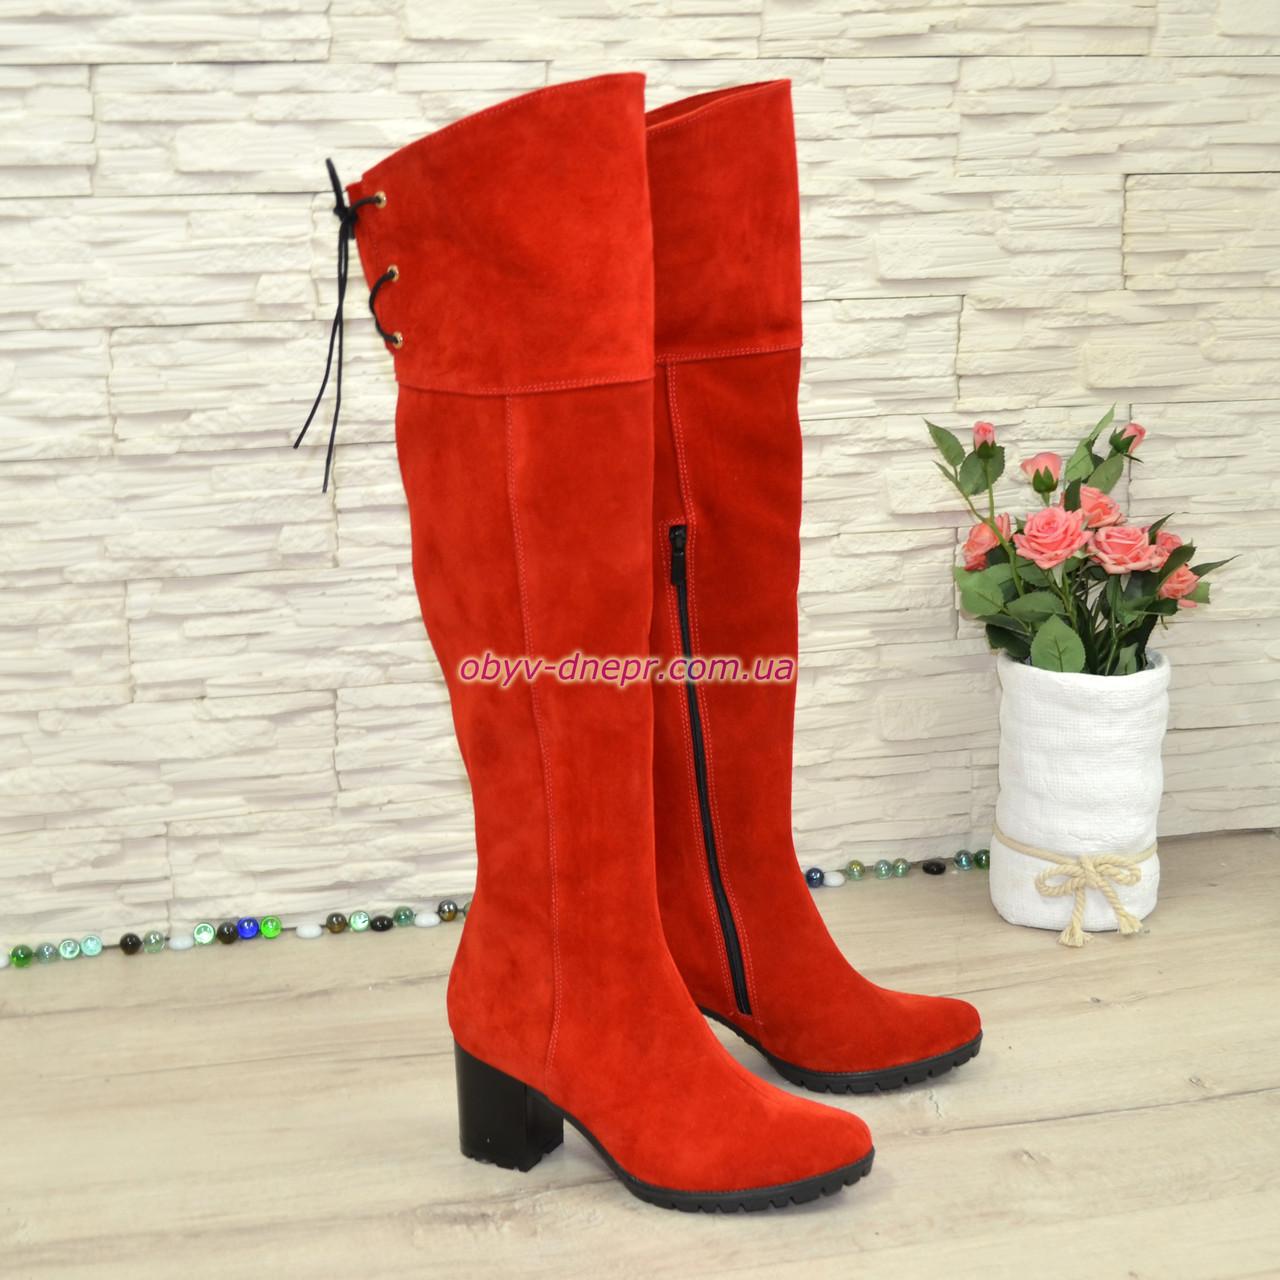 Ботфорты зимние замшевые на каблуке. Красный цвет.